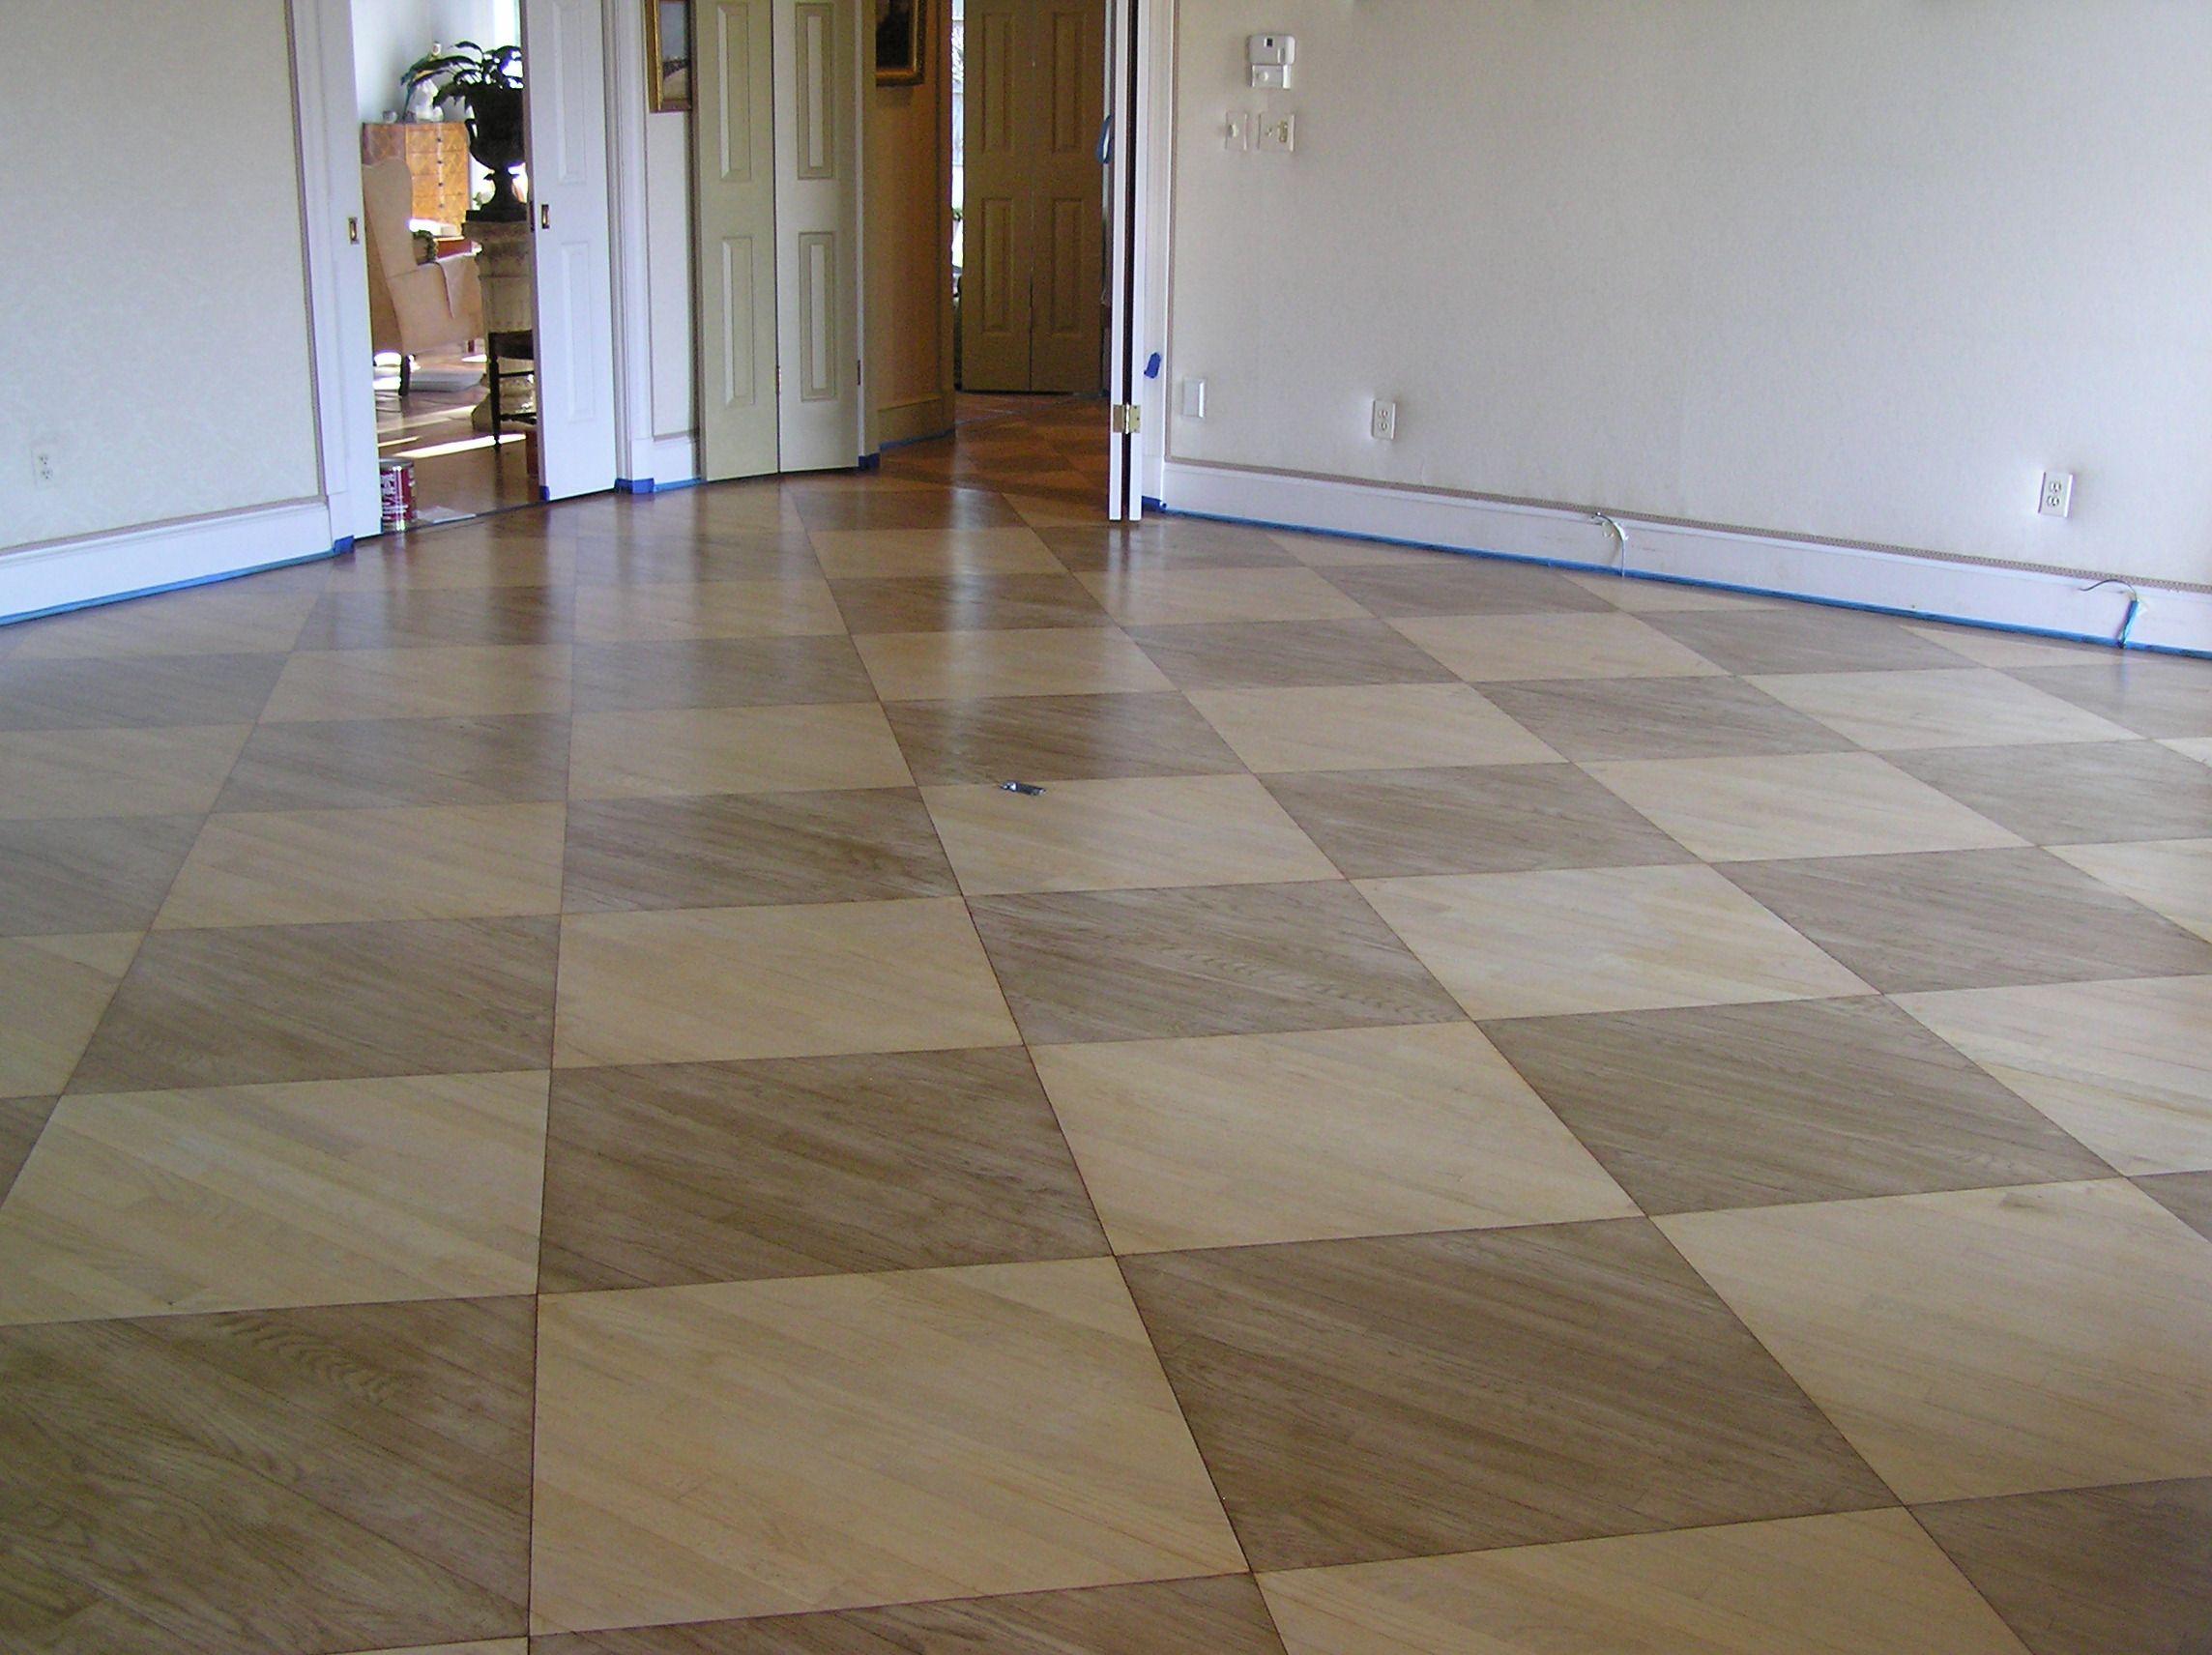 painted wood floors painted wood floors home decor